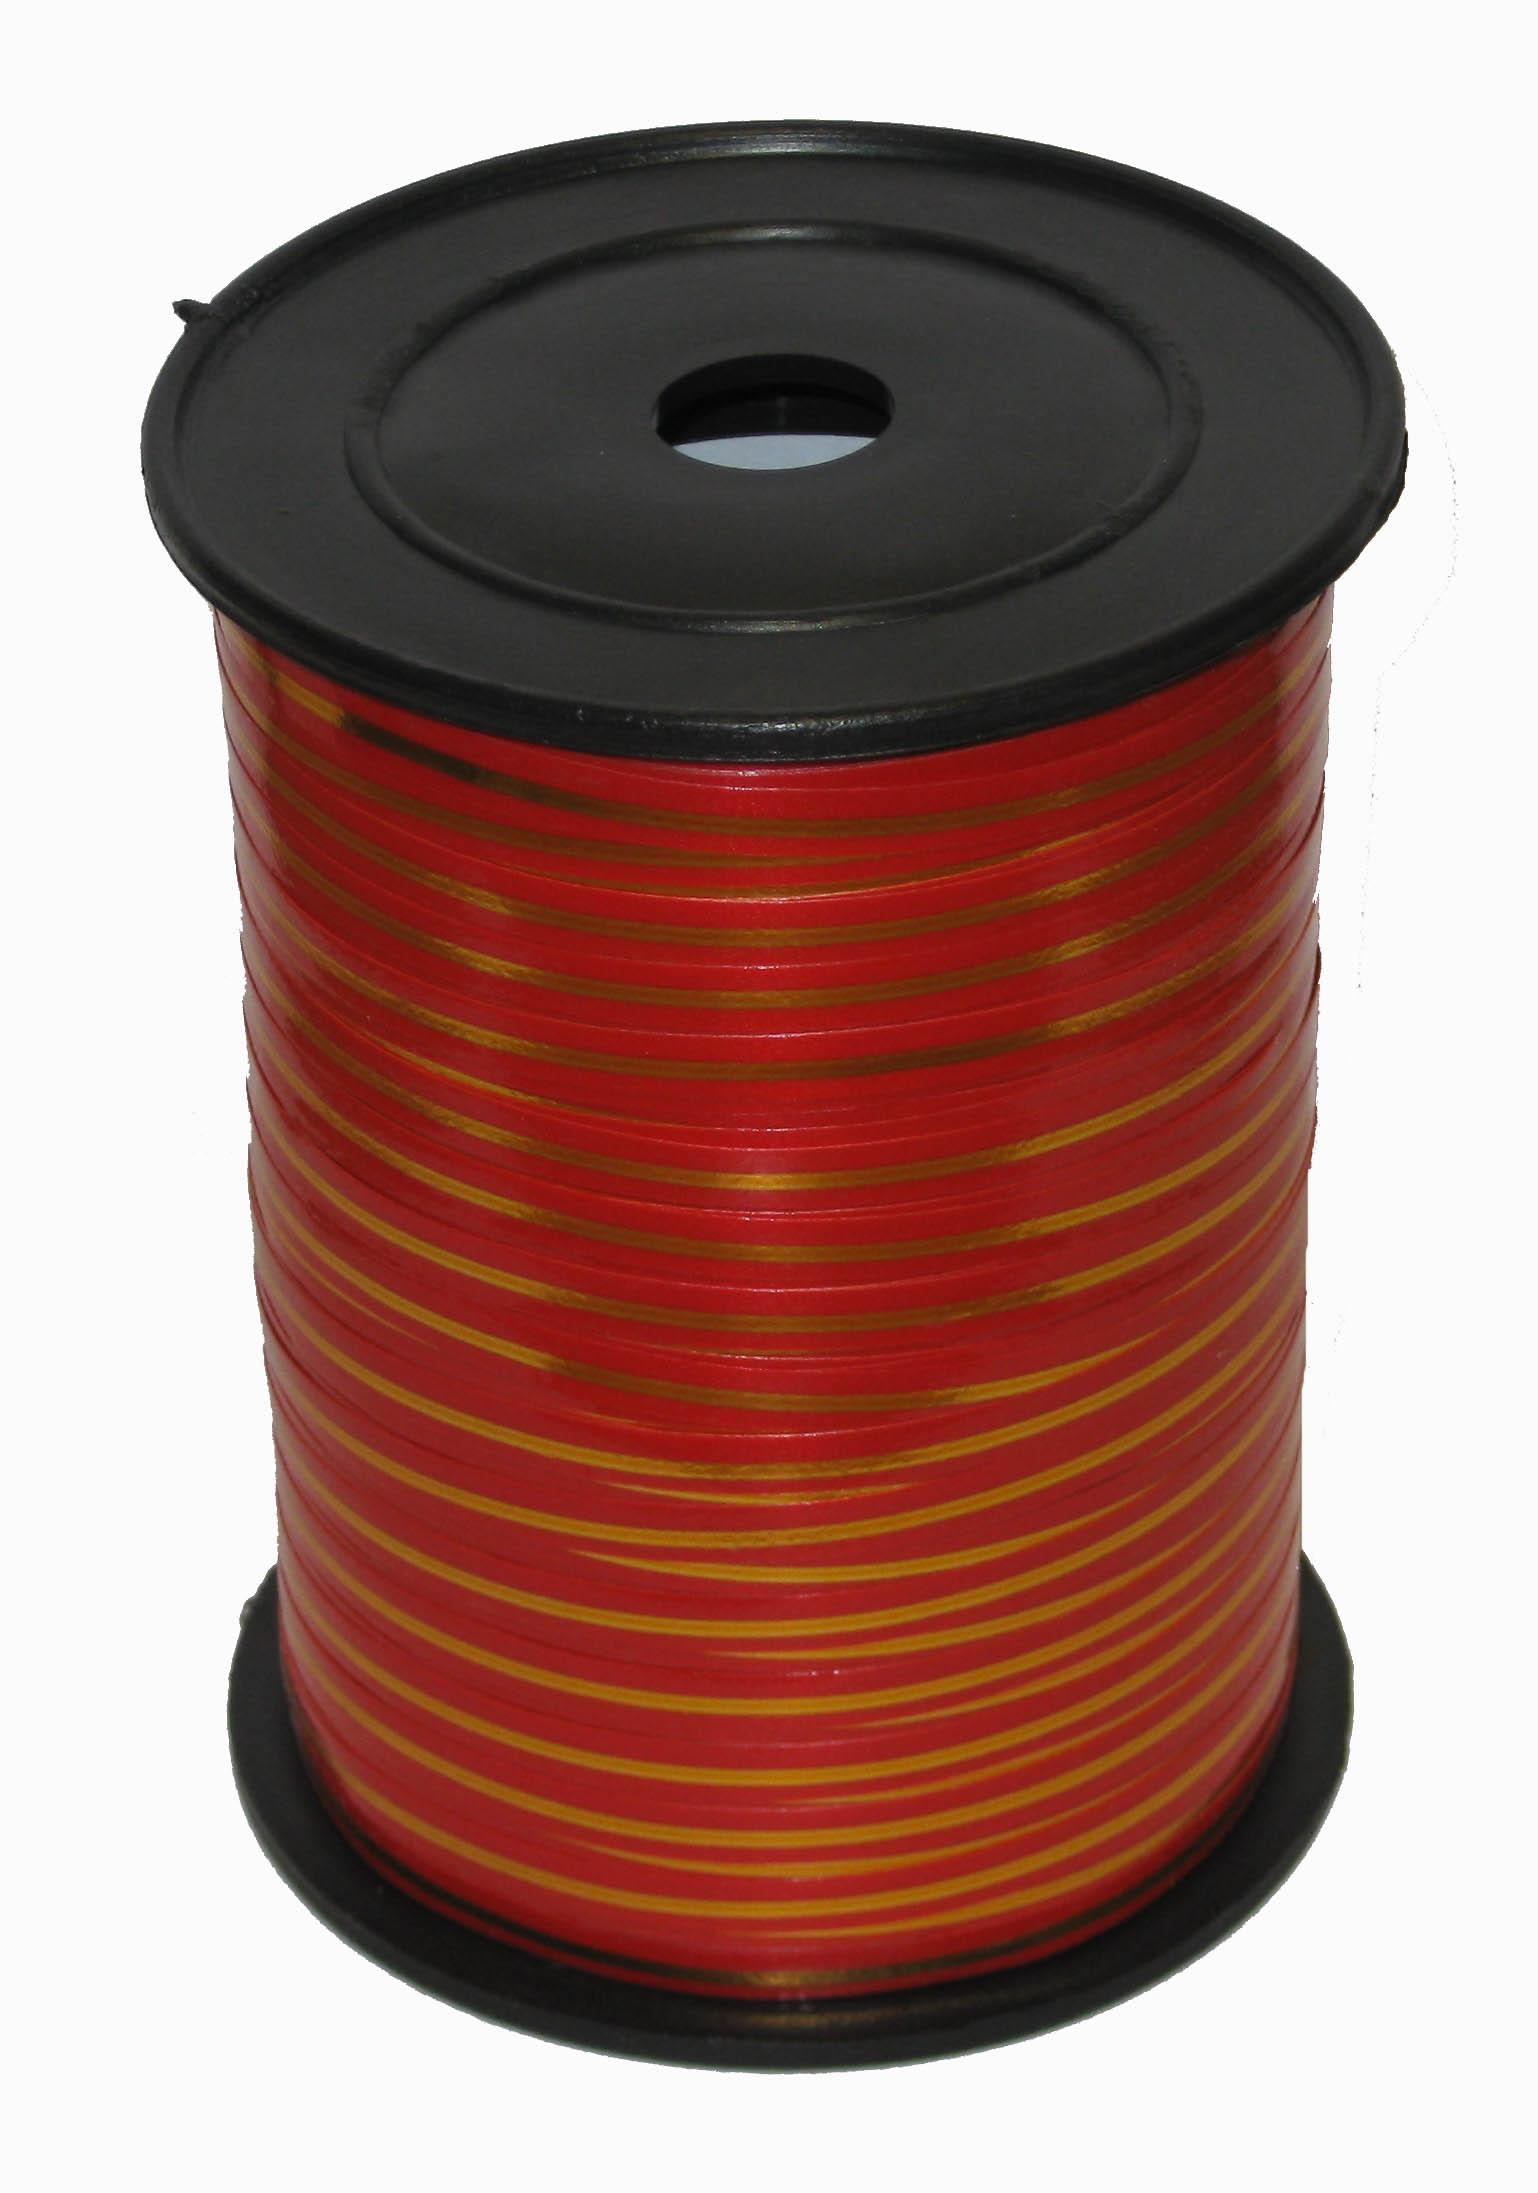 Лента с Золотой полоской Красная, бобина 0,5 см / 250 м, Россия